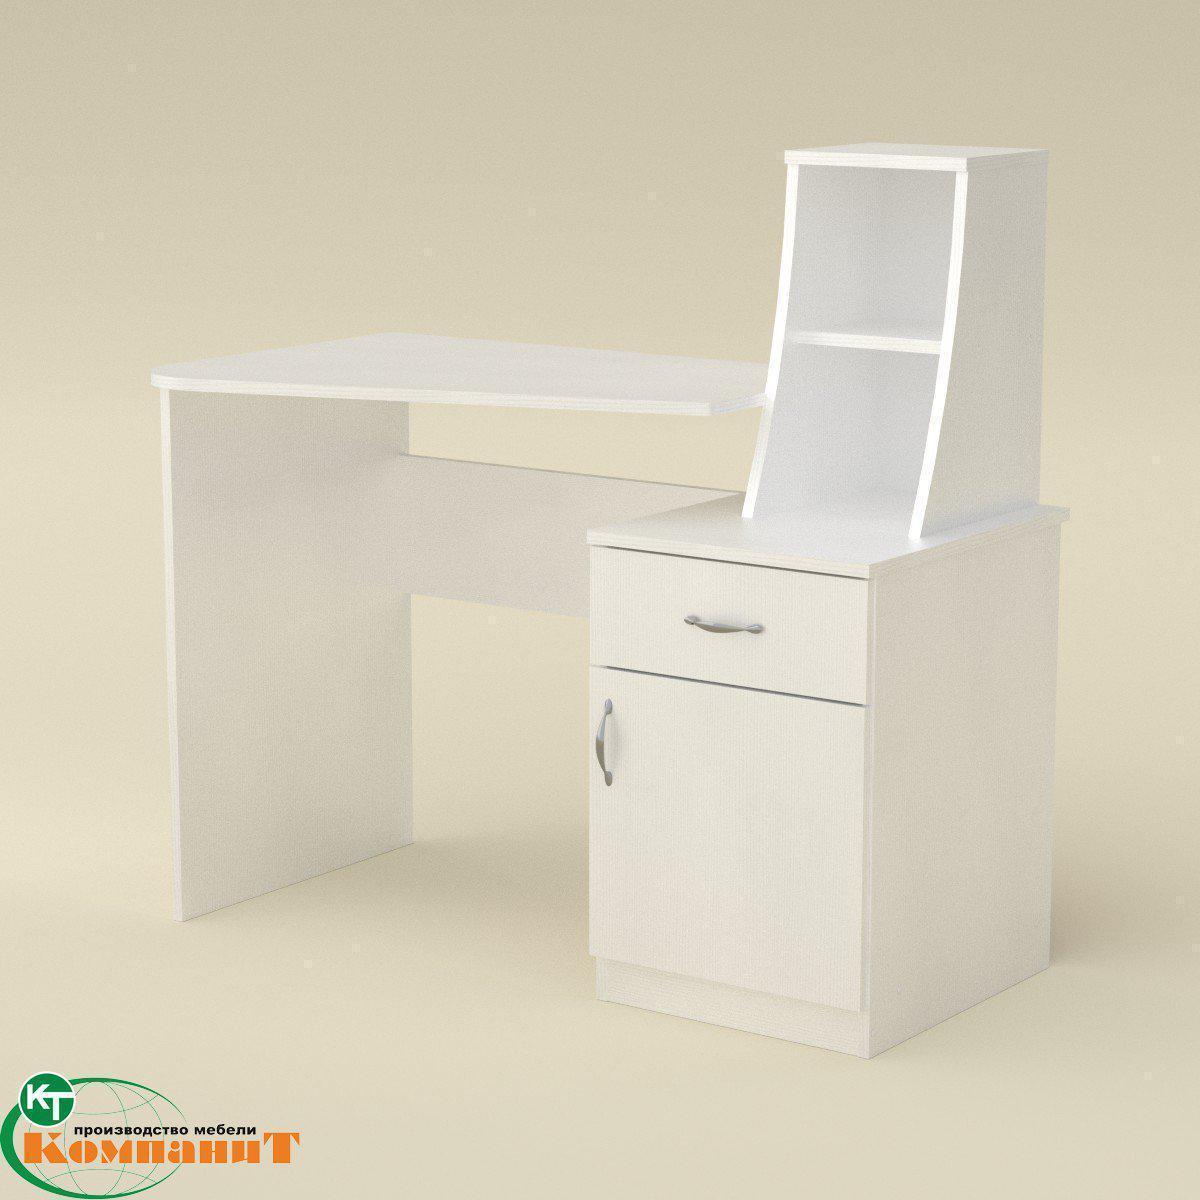 Стол письменный Школьник-3 альба